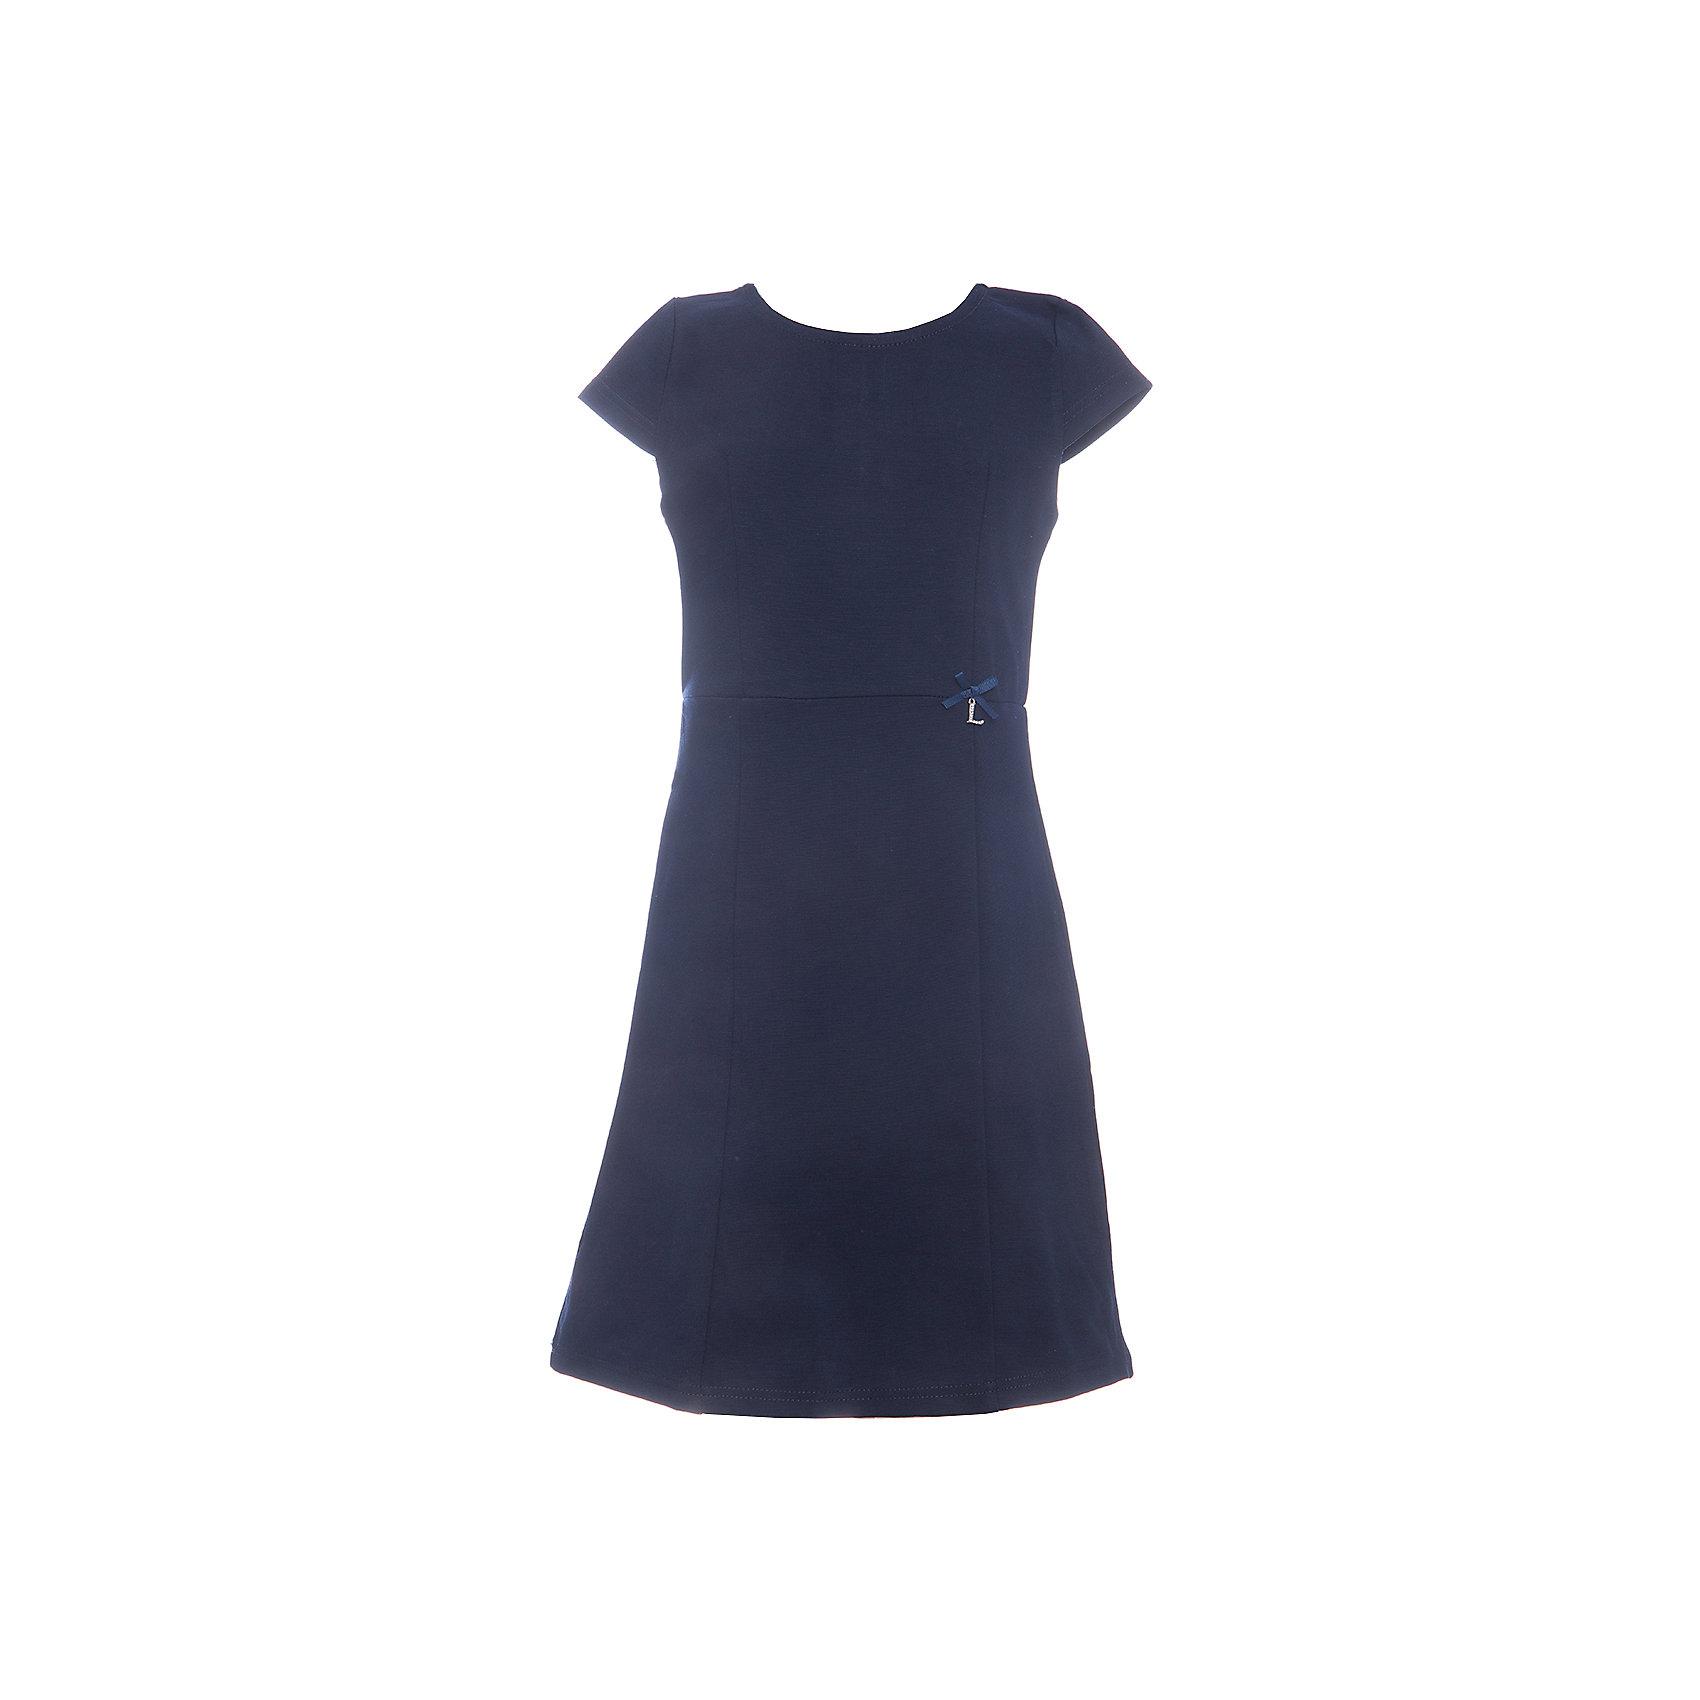 Платье для девочки LuminosoПлатья и сарафаны<br>Характеристики товара:<br><br>• цвет: синий;<br>• состав: 65% хлопок 30% полиэстер 5% эластан;<br>• сезон: демисезон;<br>• особенности: школьное, приталенное;<br>• застежка: молния;<br>• с коротким рукавом:<br>• декорировано бантиком;<br>• страна бренда: Россия;<br>• страна производства: Китай.<br><br>Темно-синее классическое трикотажное платье с коротким рукавом для девочки приталенного кроя с округлым вырезом и коротким рукавом. Школьное платье застегивается на молнию на спине.<br><br>Платье для девочки Luminoso (Люминосо) можно купить в нашем интернет-магазине.<br><br>Ширина мм: 236<br>Глубина мм: 16<br>Высота мм: 184<br>Вес г: 177<br>Цвет: синий<br>Возраст от месяцев: 156<br>Возраст до месяцев: 168<br>Пол: Женский<br>Возраст: Детский<br>Размер: 164,122,128,134,140,146,152,158<br>SKU: 6672806